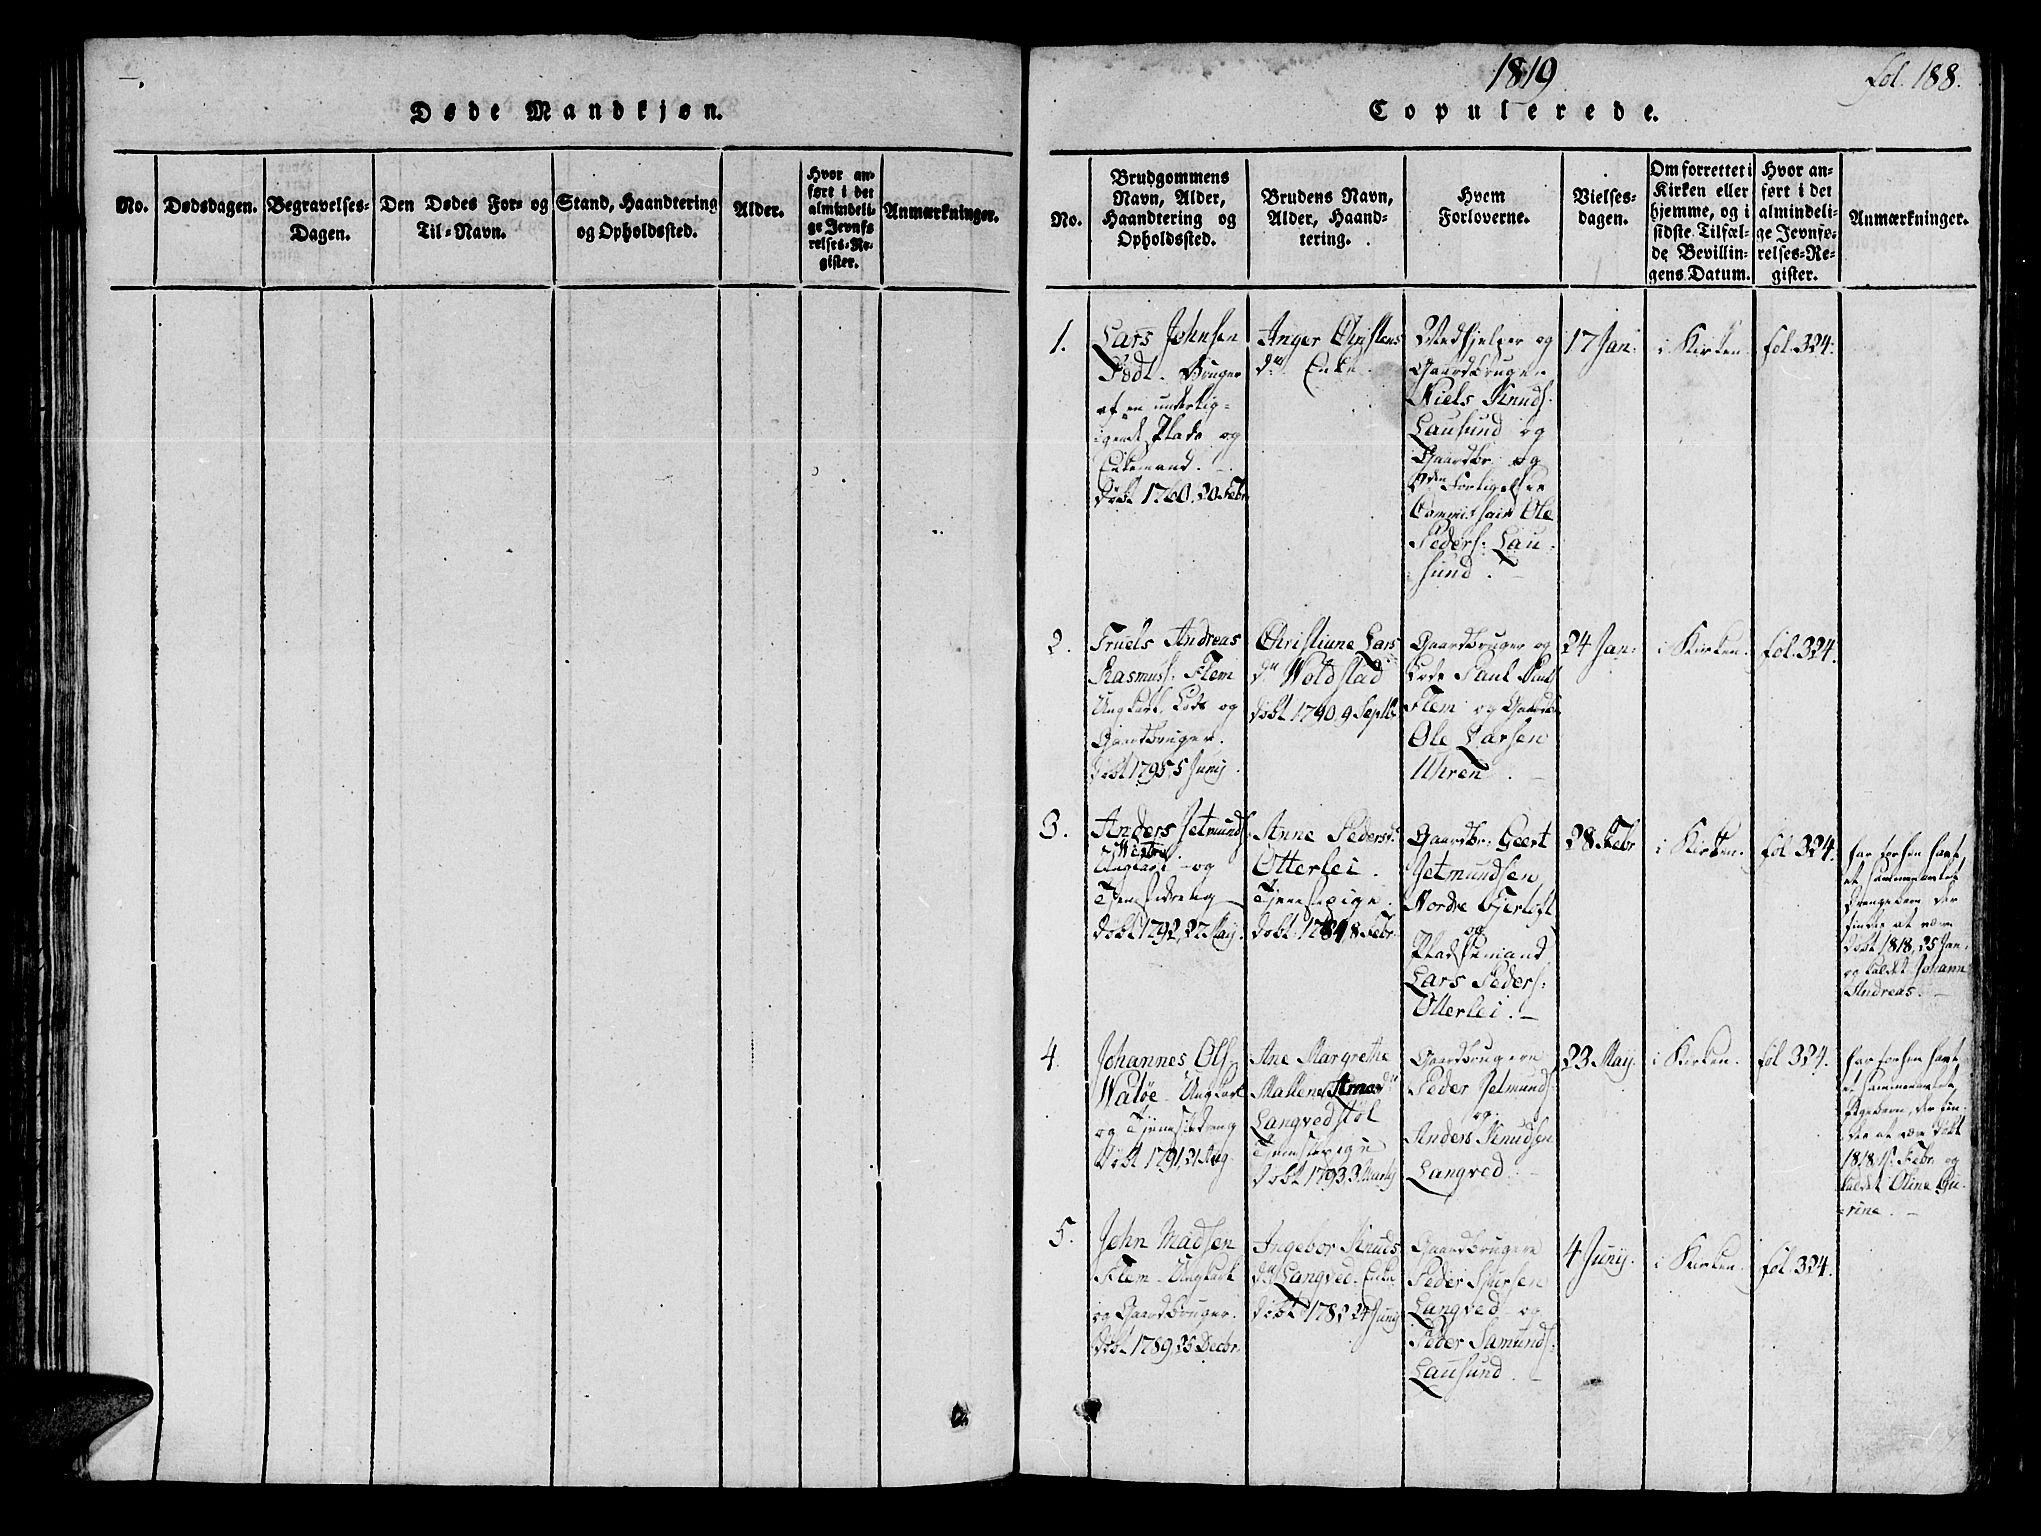 SAT, Ministerialprotokoller, klokkerbøker og fødselsregistre - Møre og Romsdal, 536/L0495: Ministerialbok nr. 536A04, 1818-1847, s. 188